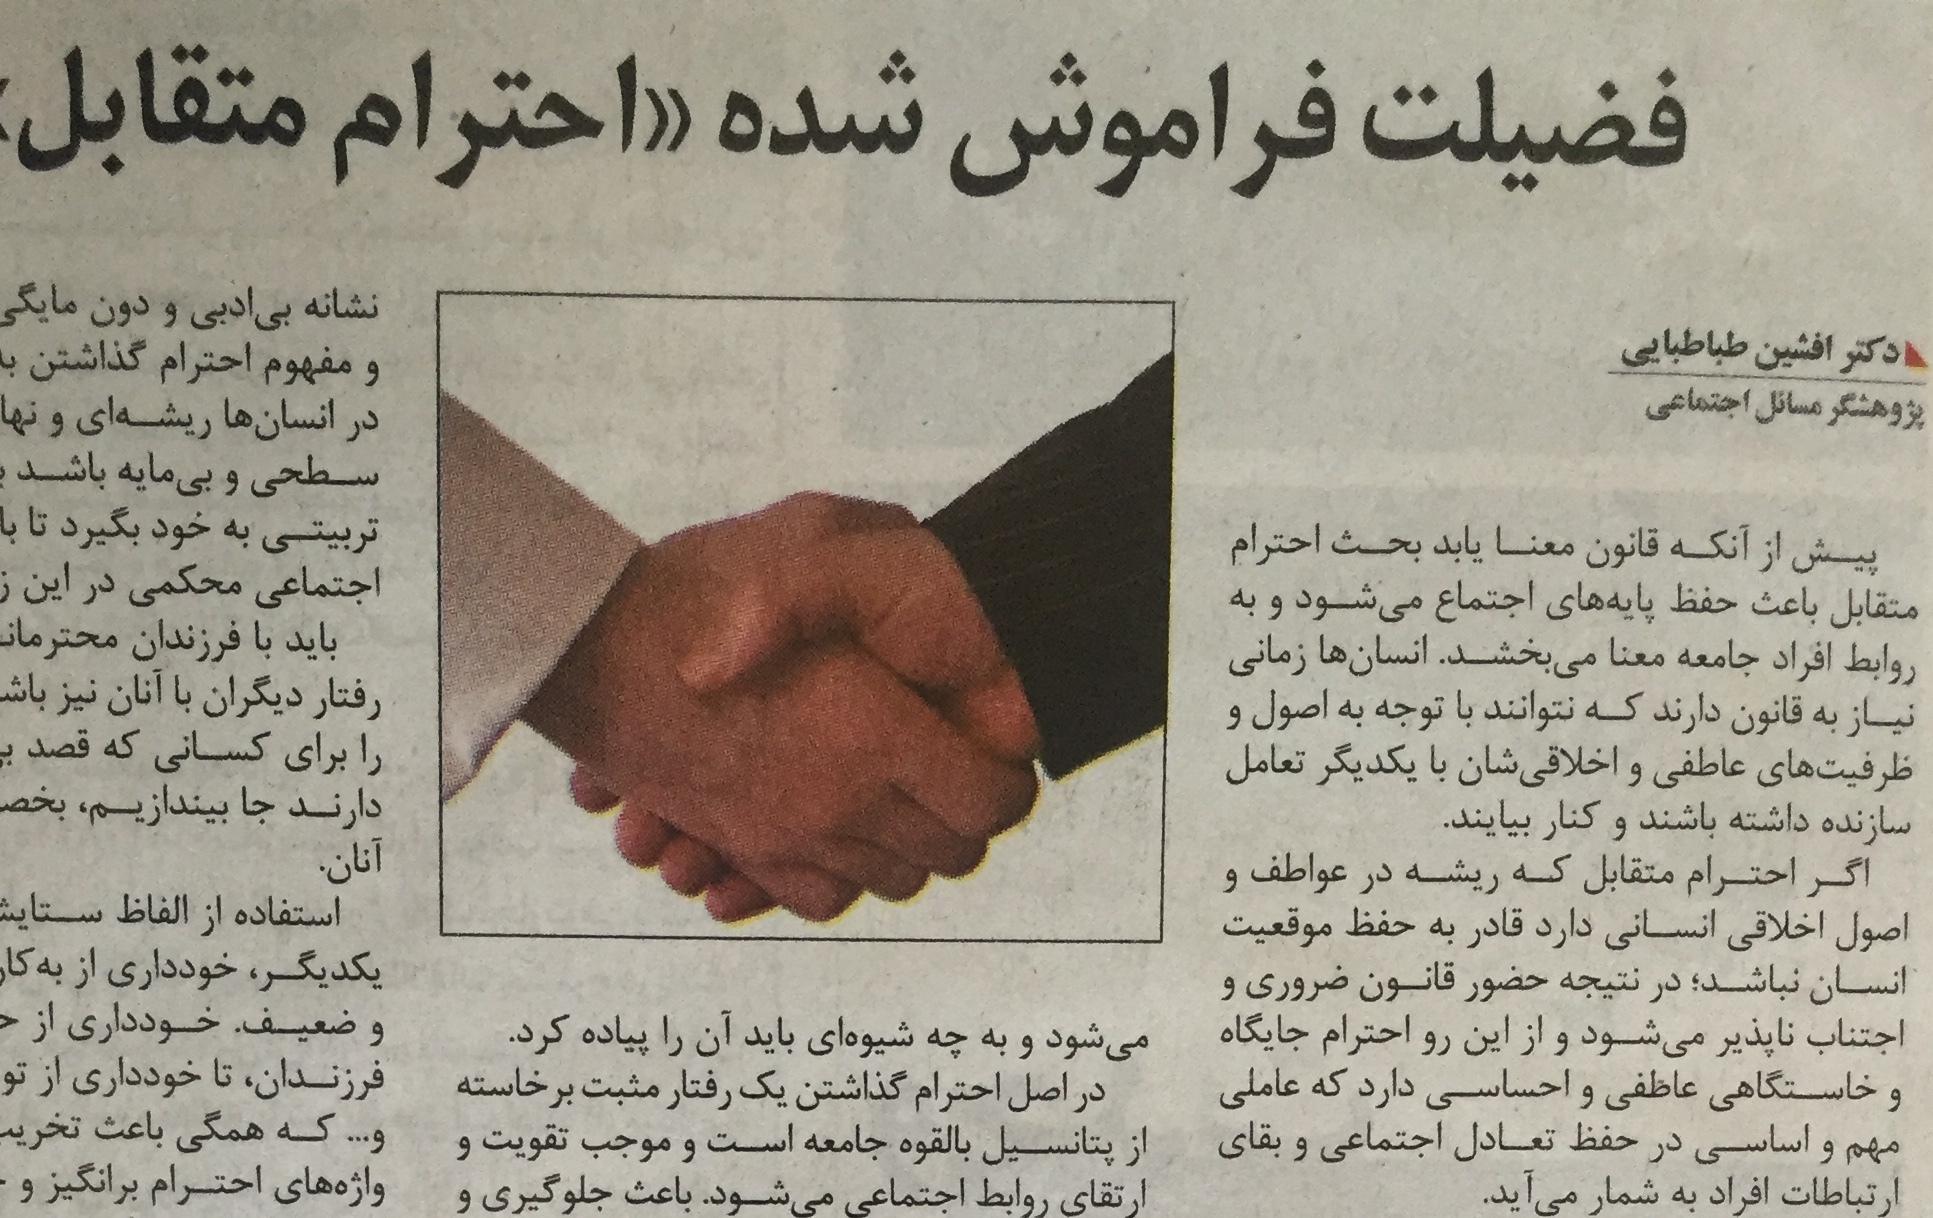 روزنامه: فضیلت فراموش شده احترام متقابل - دکتر طباطبایی